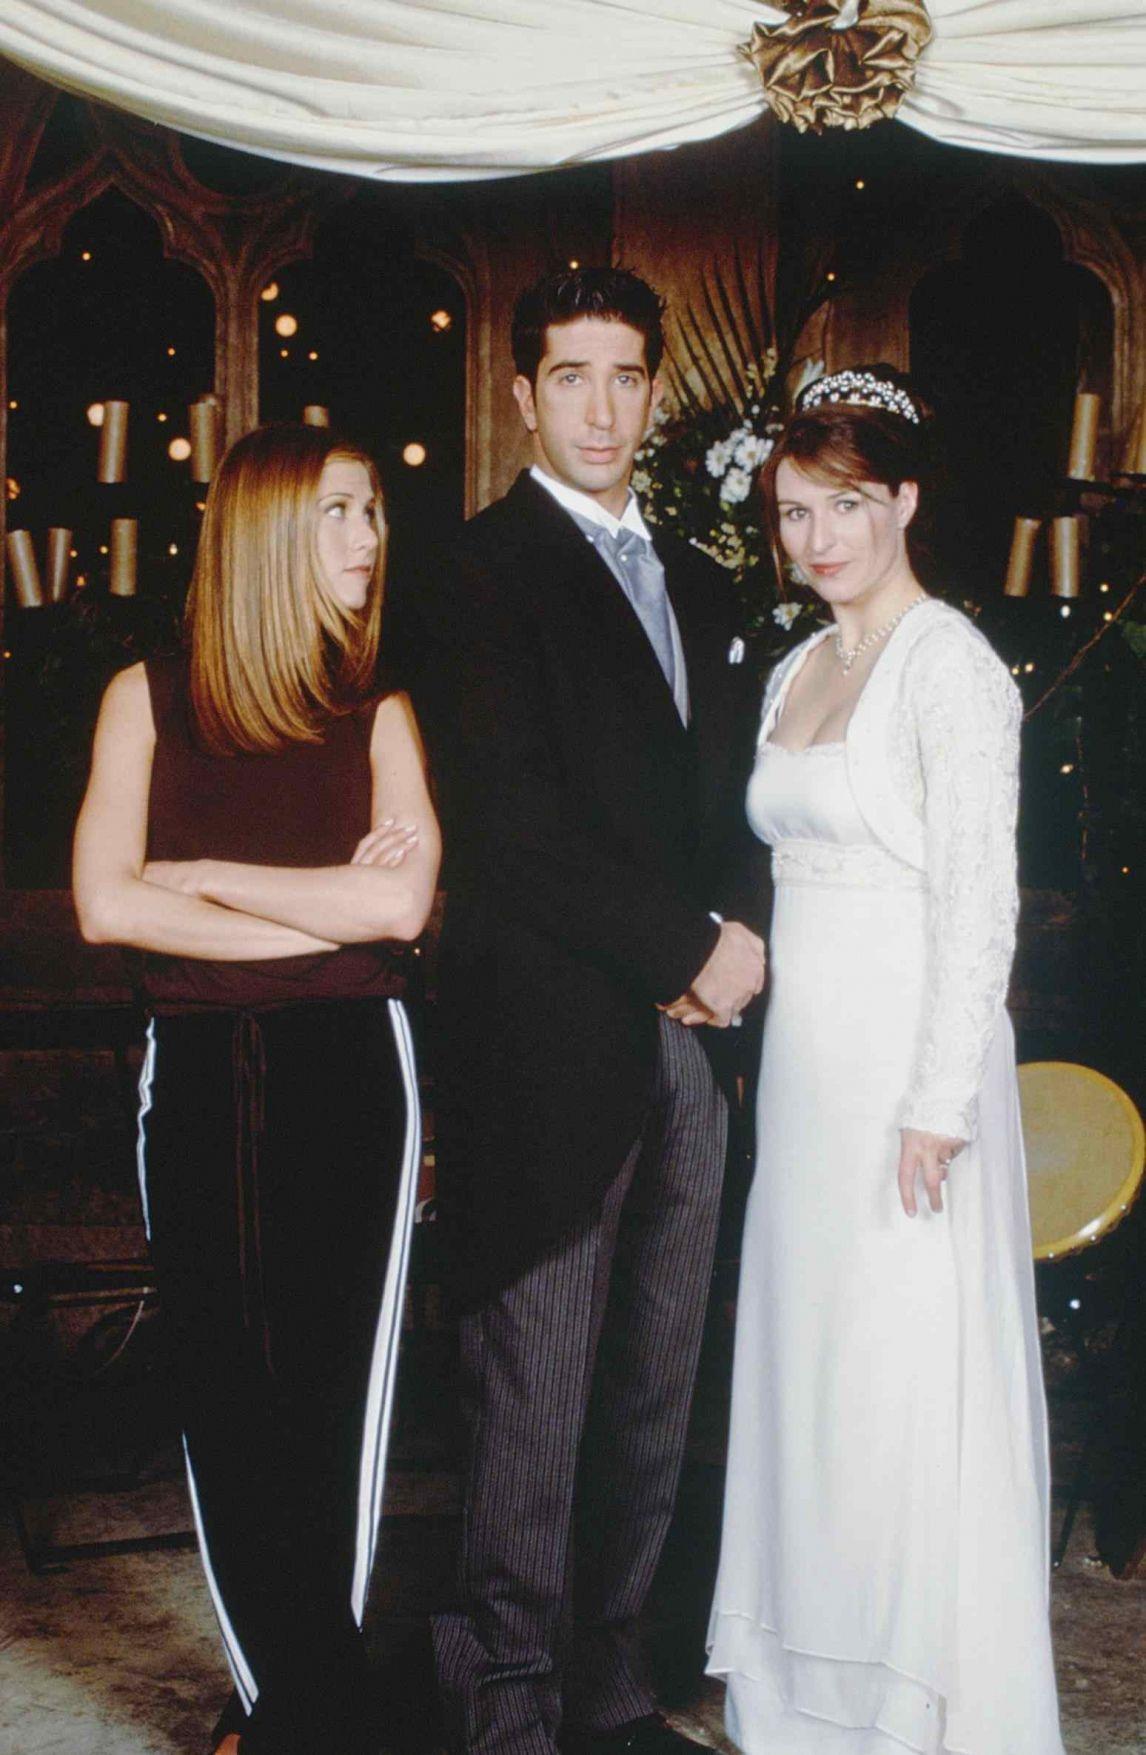 50 Monica Gellar Wedding Dress Wedding Dresses For Cheap Check More At Http Svesty Com Monica Gellar Wedding Dress Friends Tv Ross And Rachel Tv Weddings [ 1755 x 1146 Pixel ]